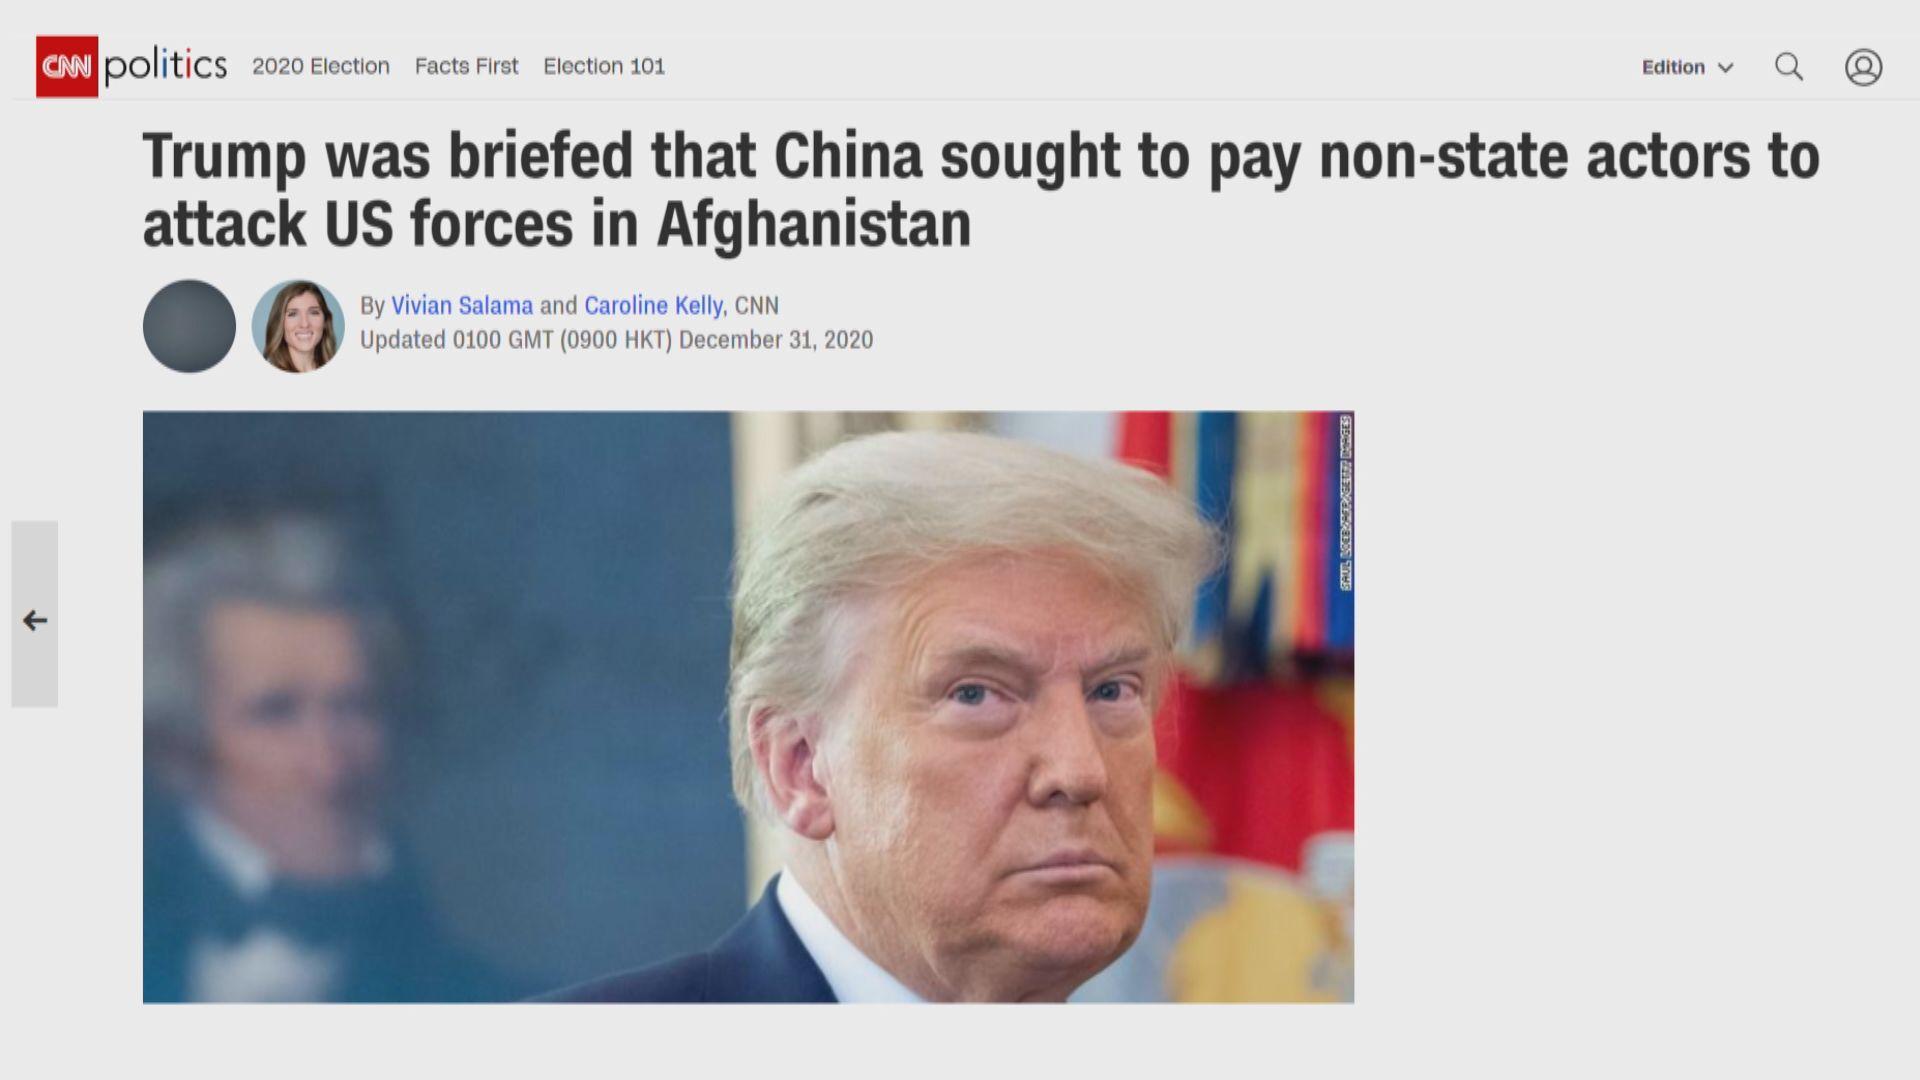 美媒引述政府官員指中國圖利誘阿富汗人襲擊美軍